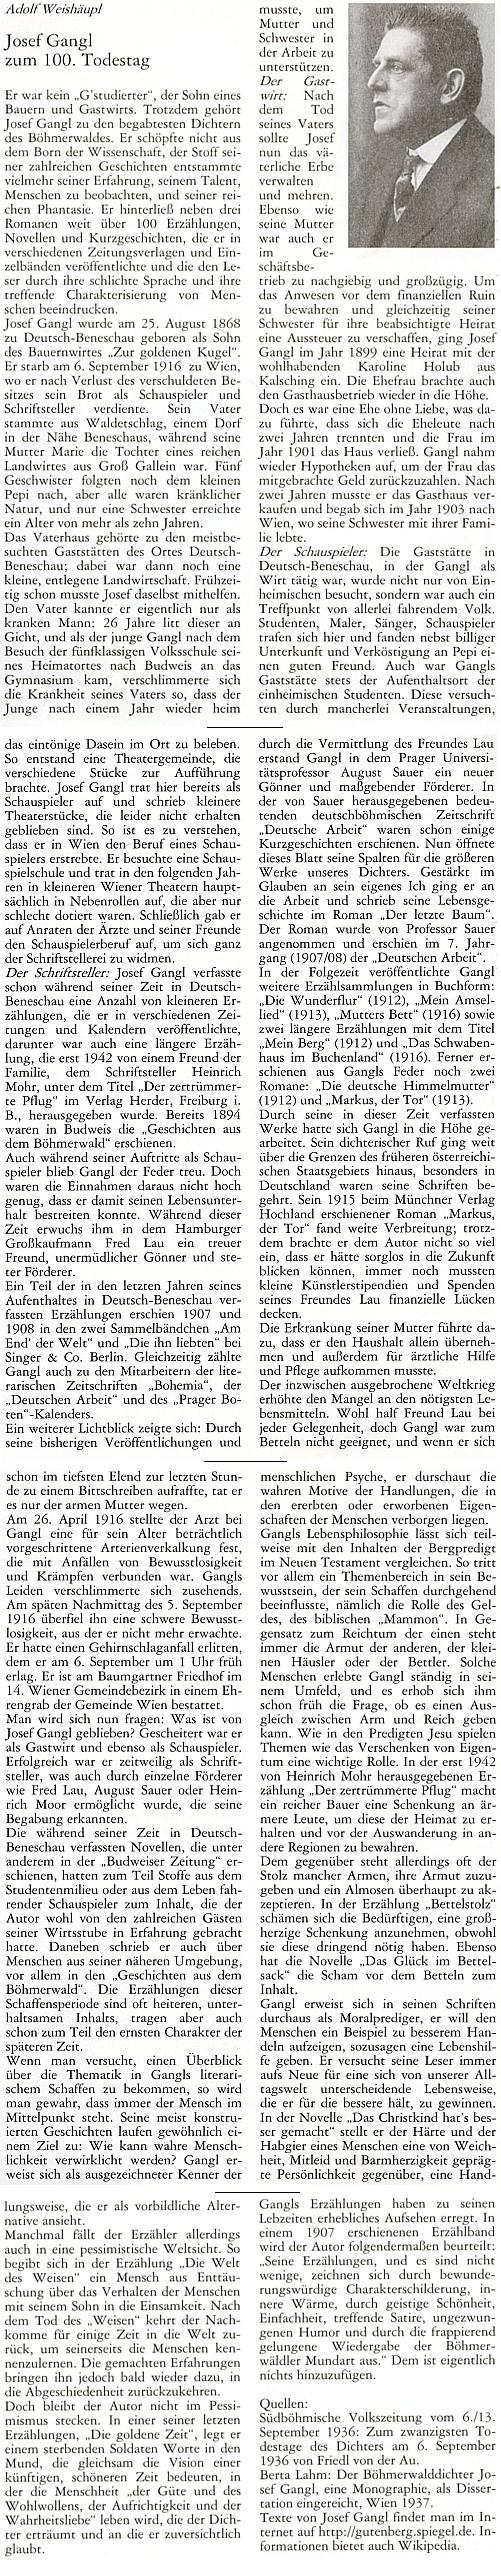 Jeho závažný text ke 100. výročí úmrtí Josefa Gangla